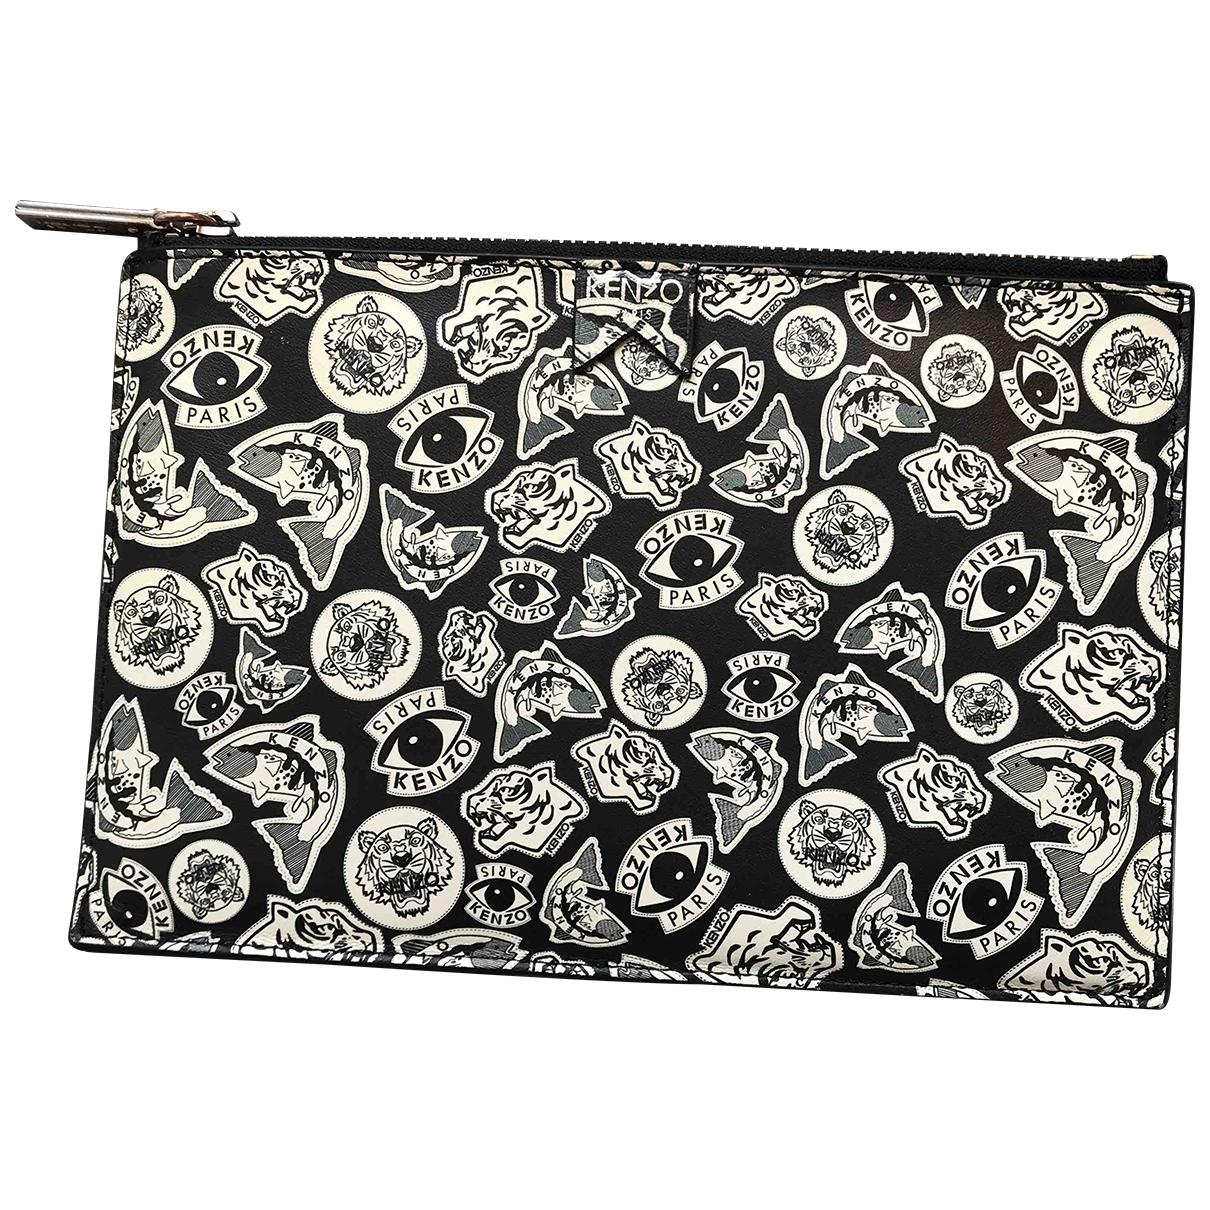 Kenzo \N Black Leather Clutch bag for Women \N